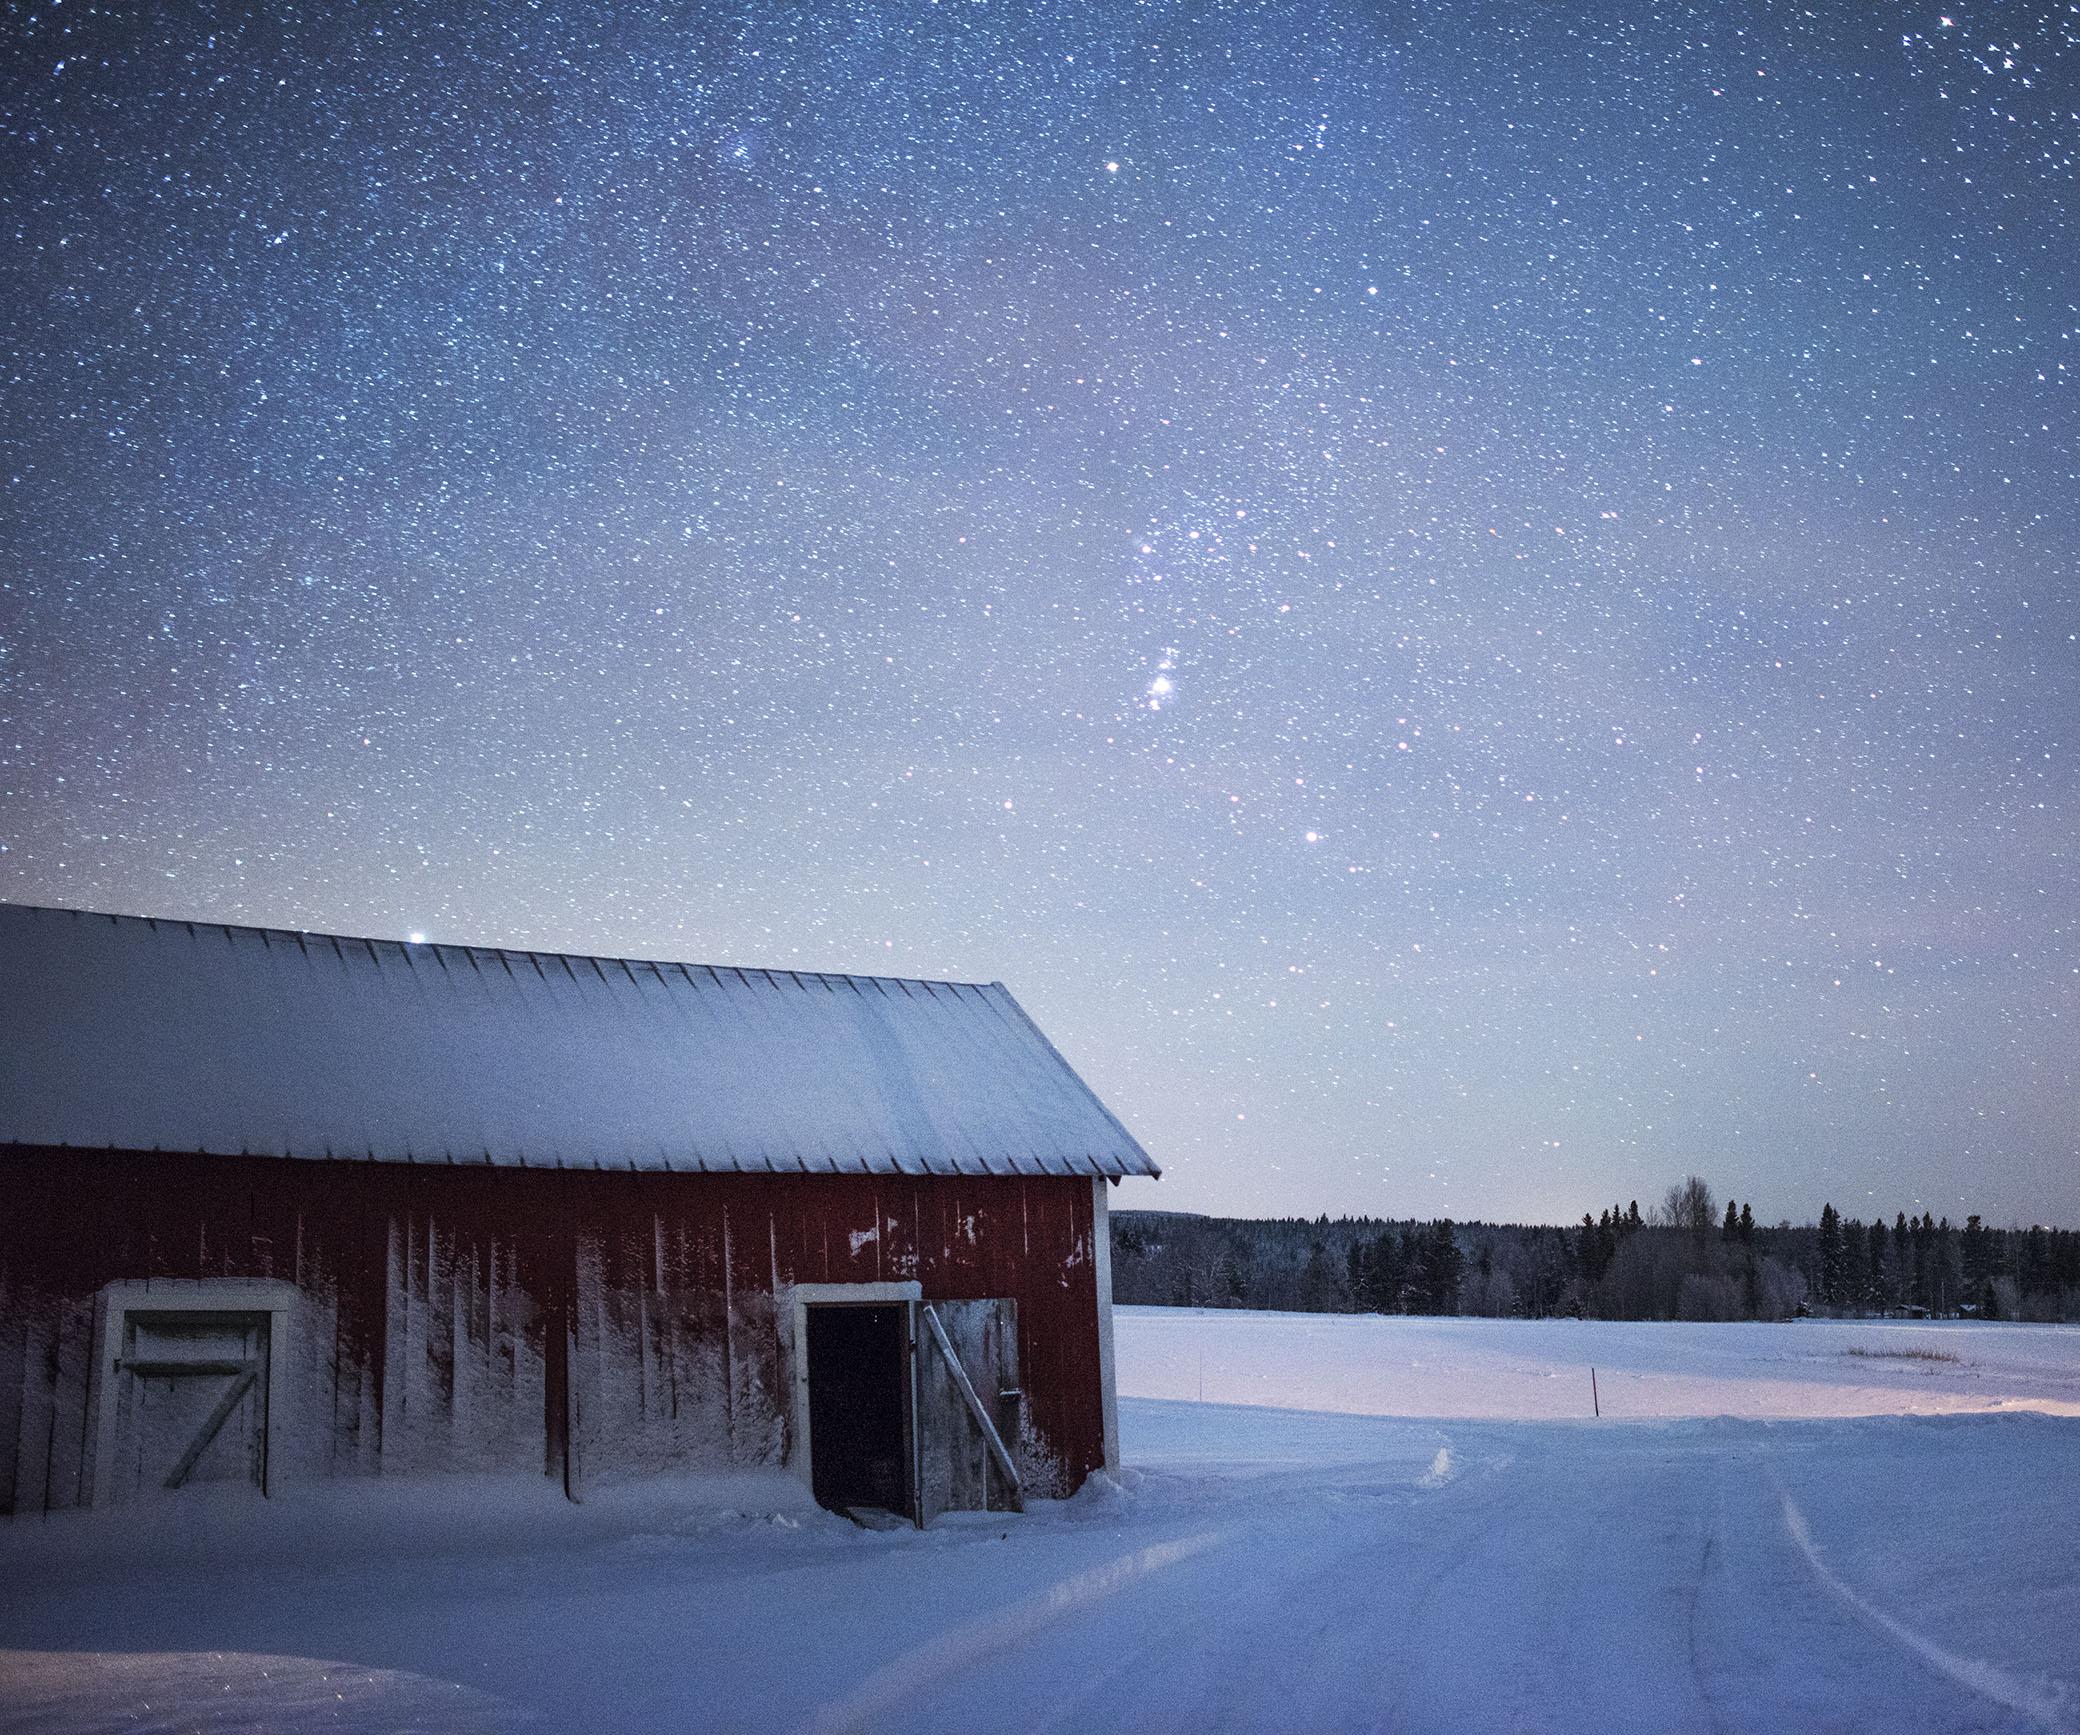 Vedboden under stjärnorna i -30 grader.